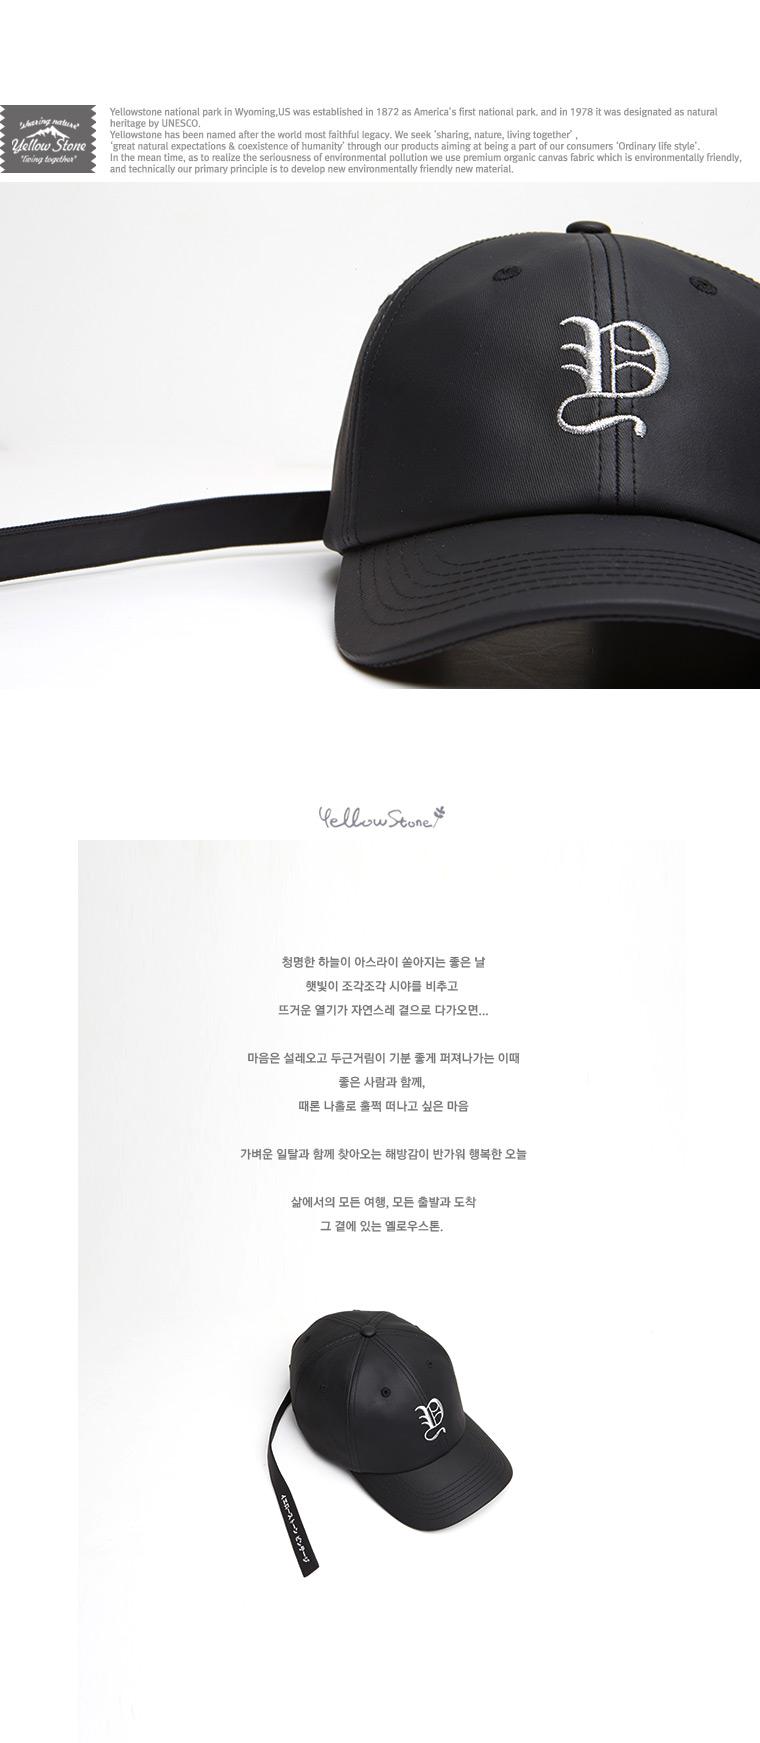 [옐로우스톤] 캔버스 코팅 볼캡 BALL CAP - YS7004BK 블랙